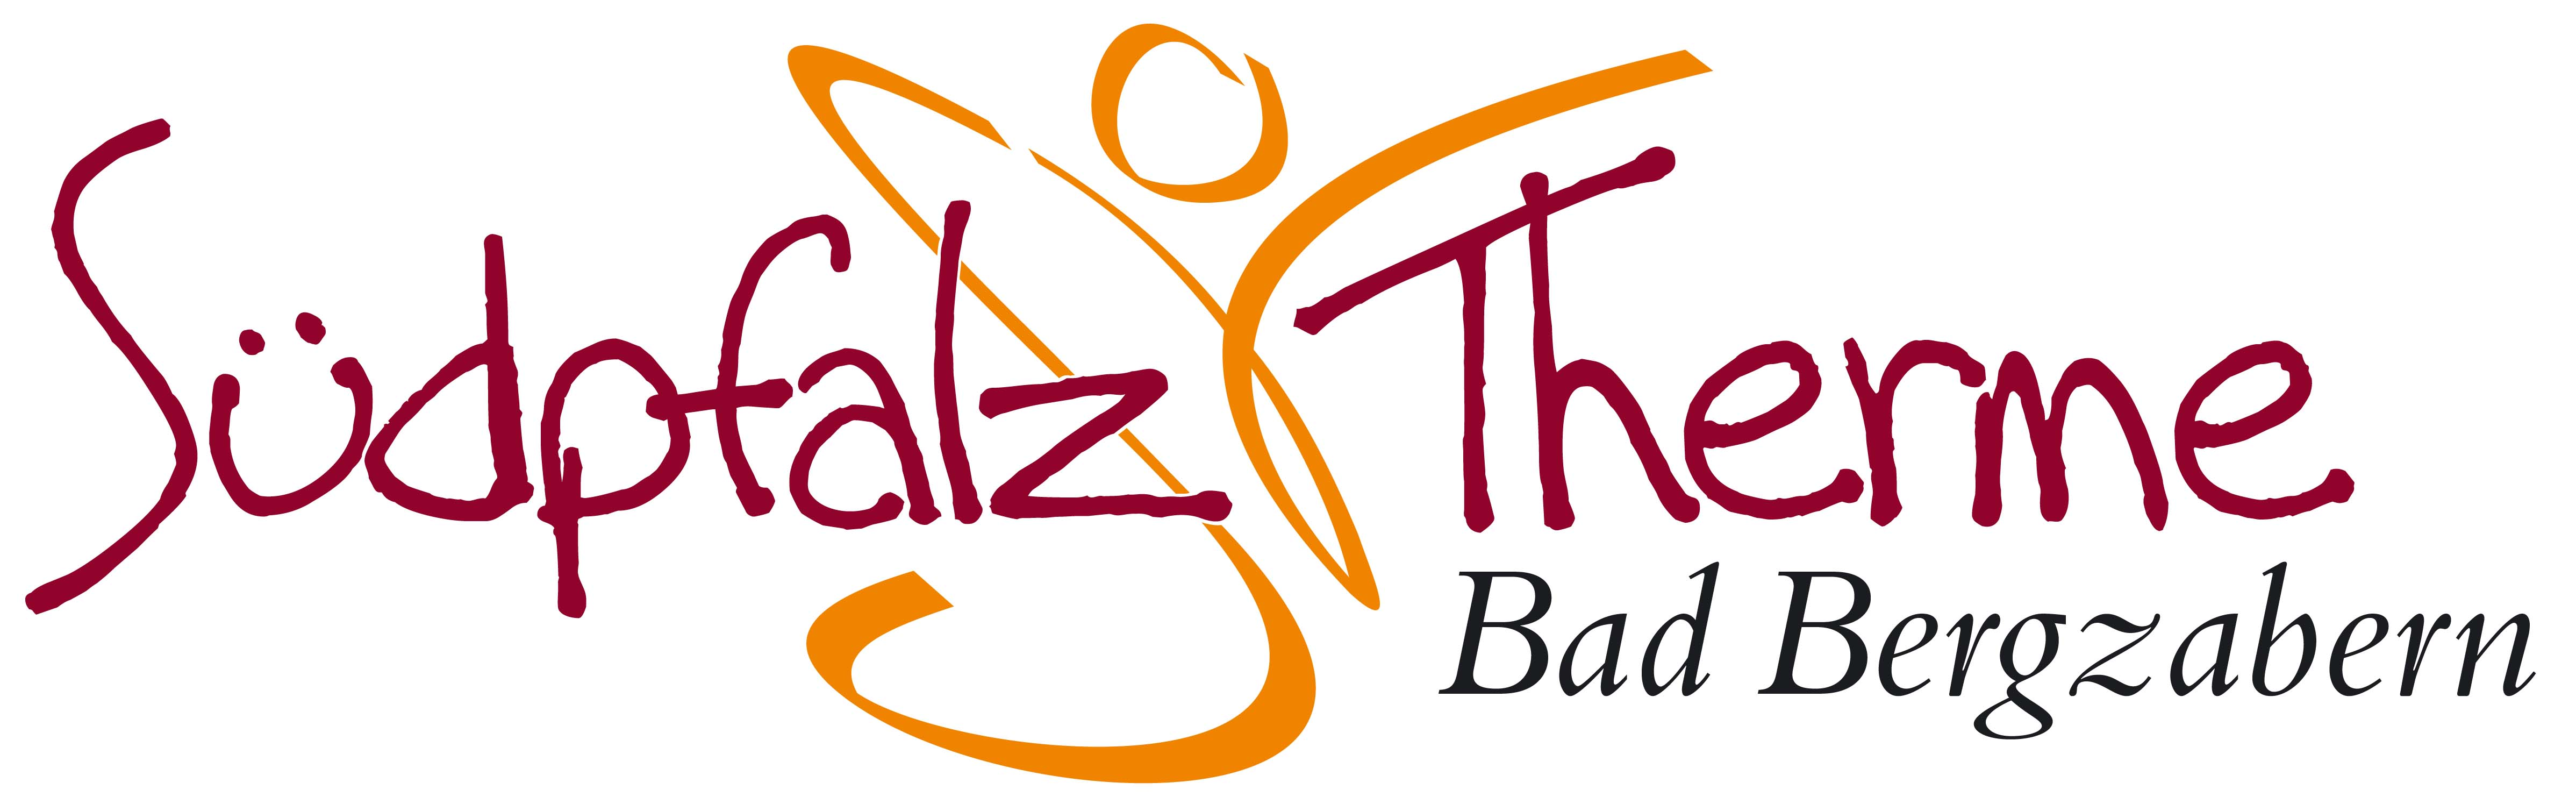 Logo Südpfalz Therme